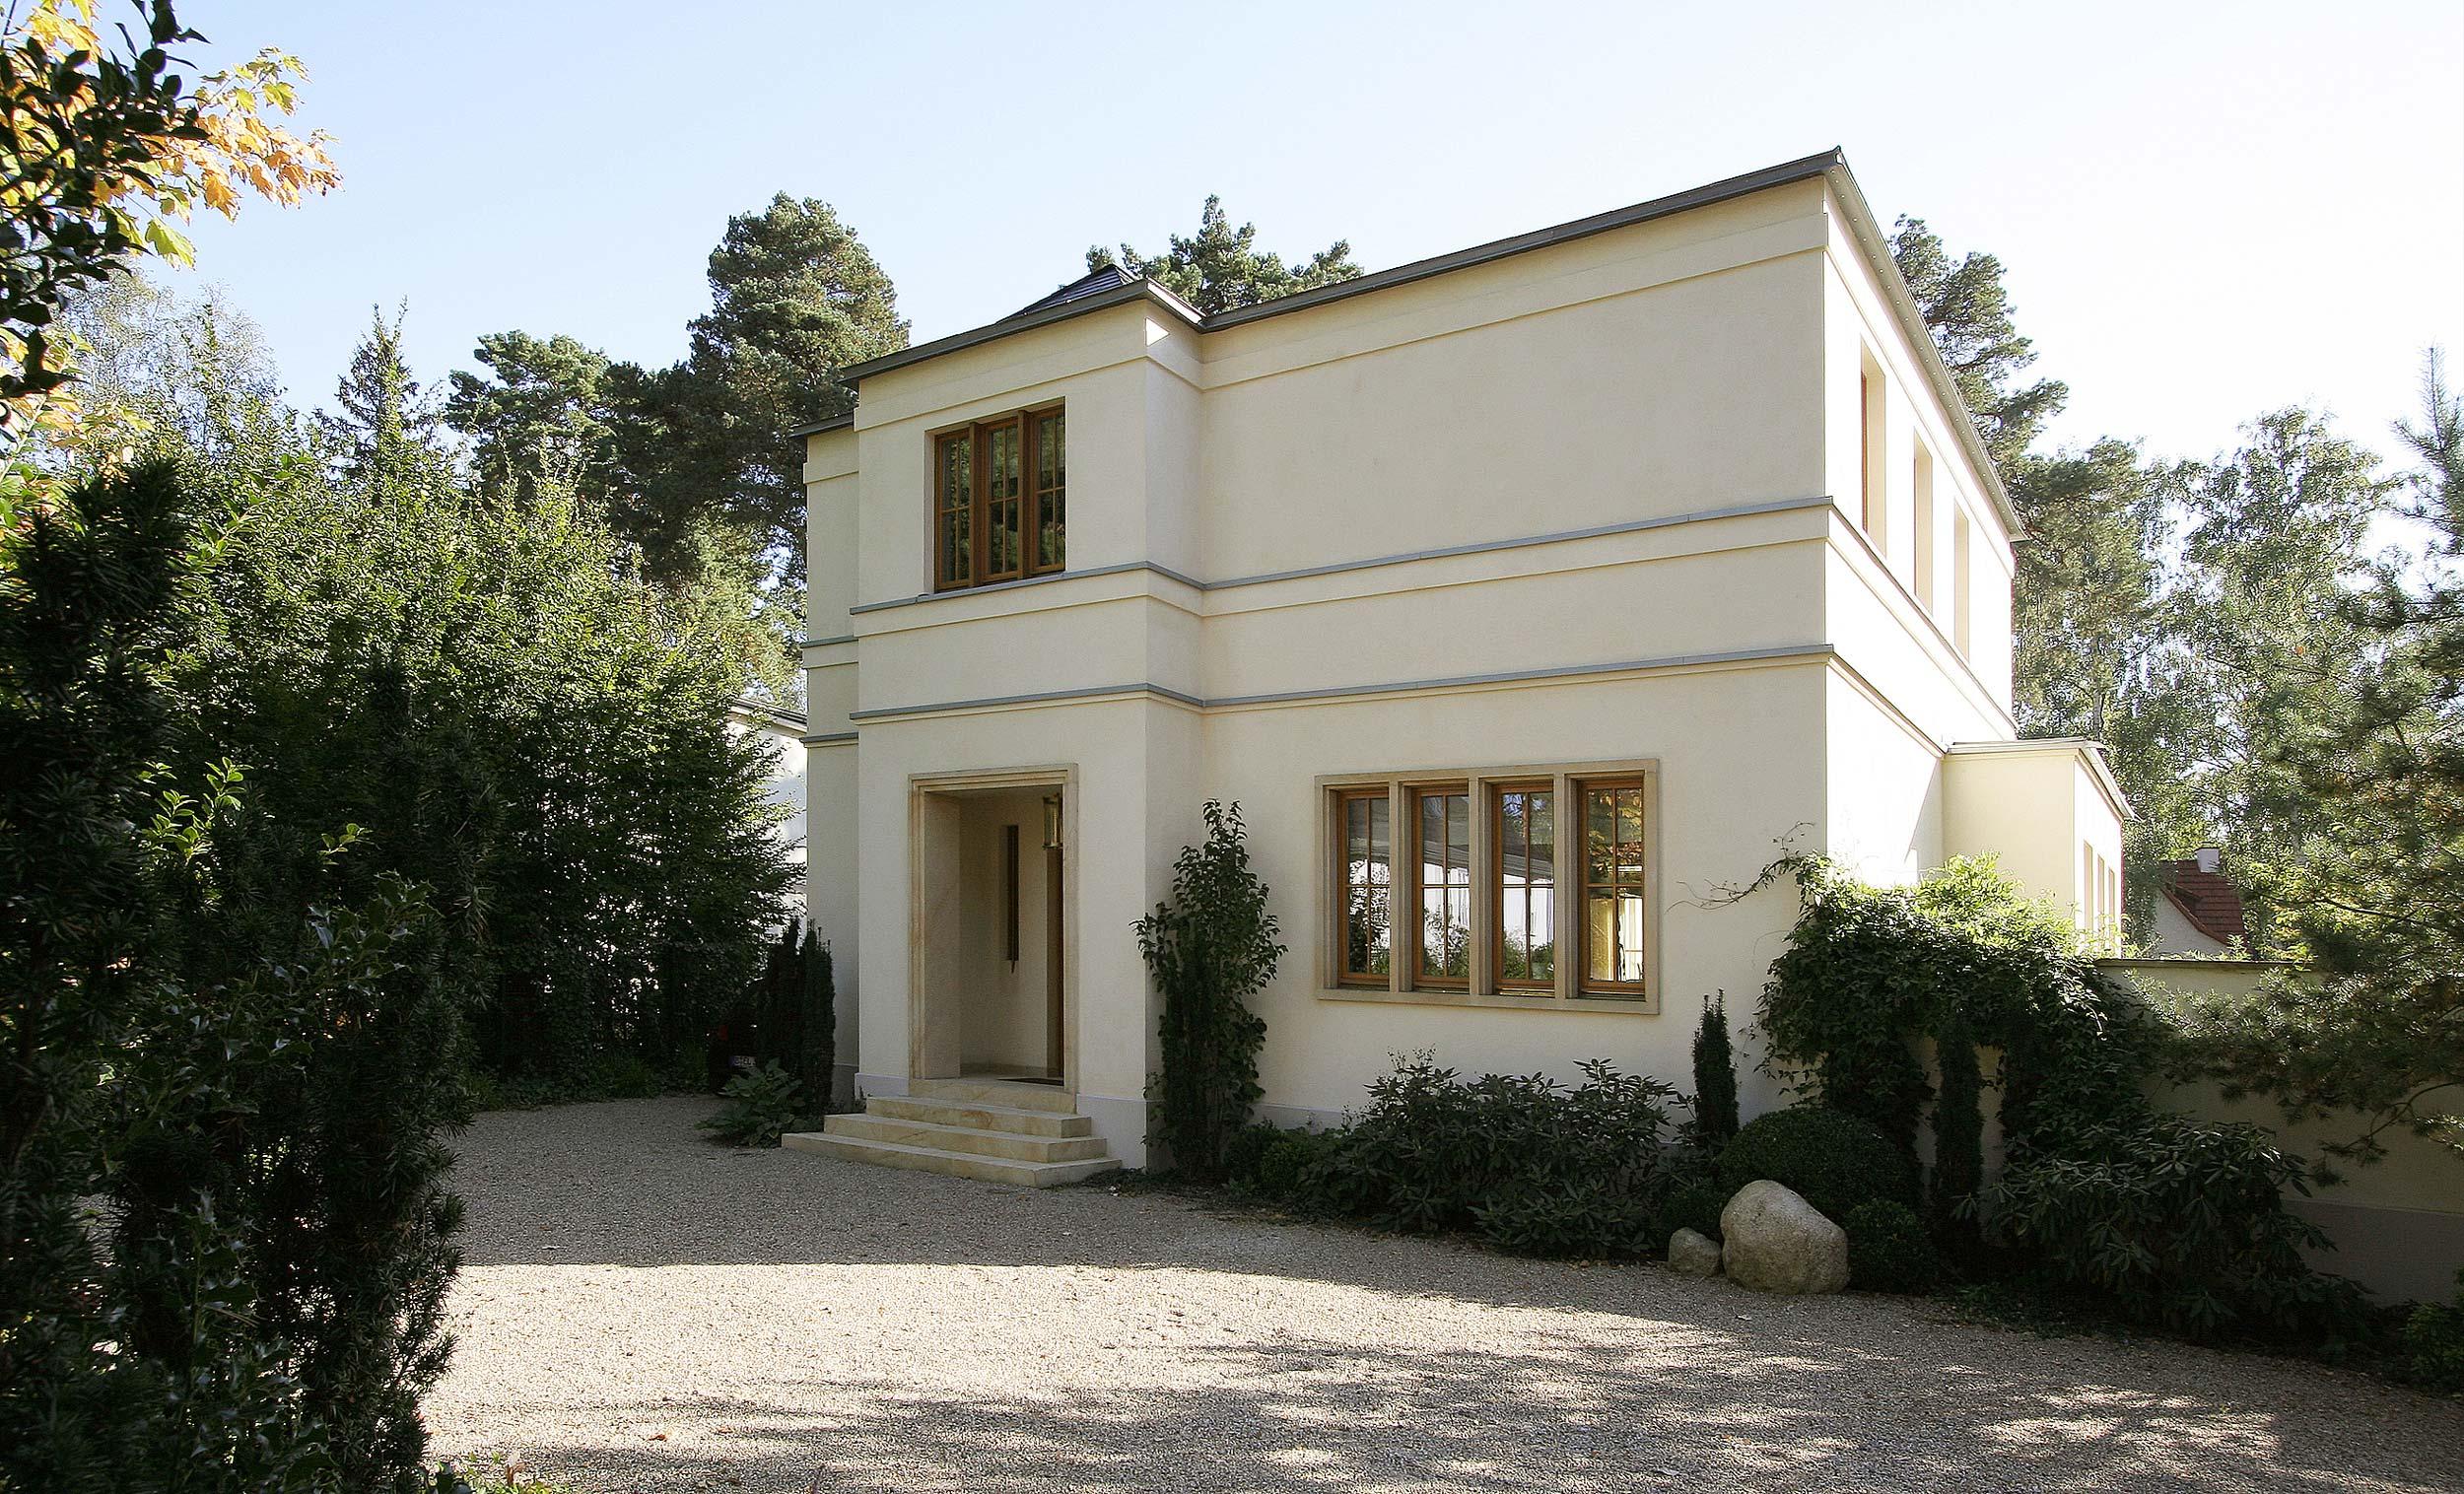 Das Eingangsportal wirkt -very british- mit Porch und Natursteinrahmen.